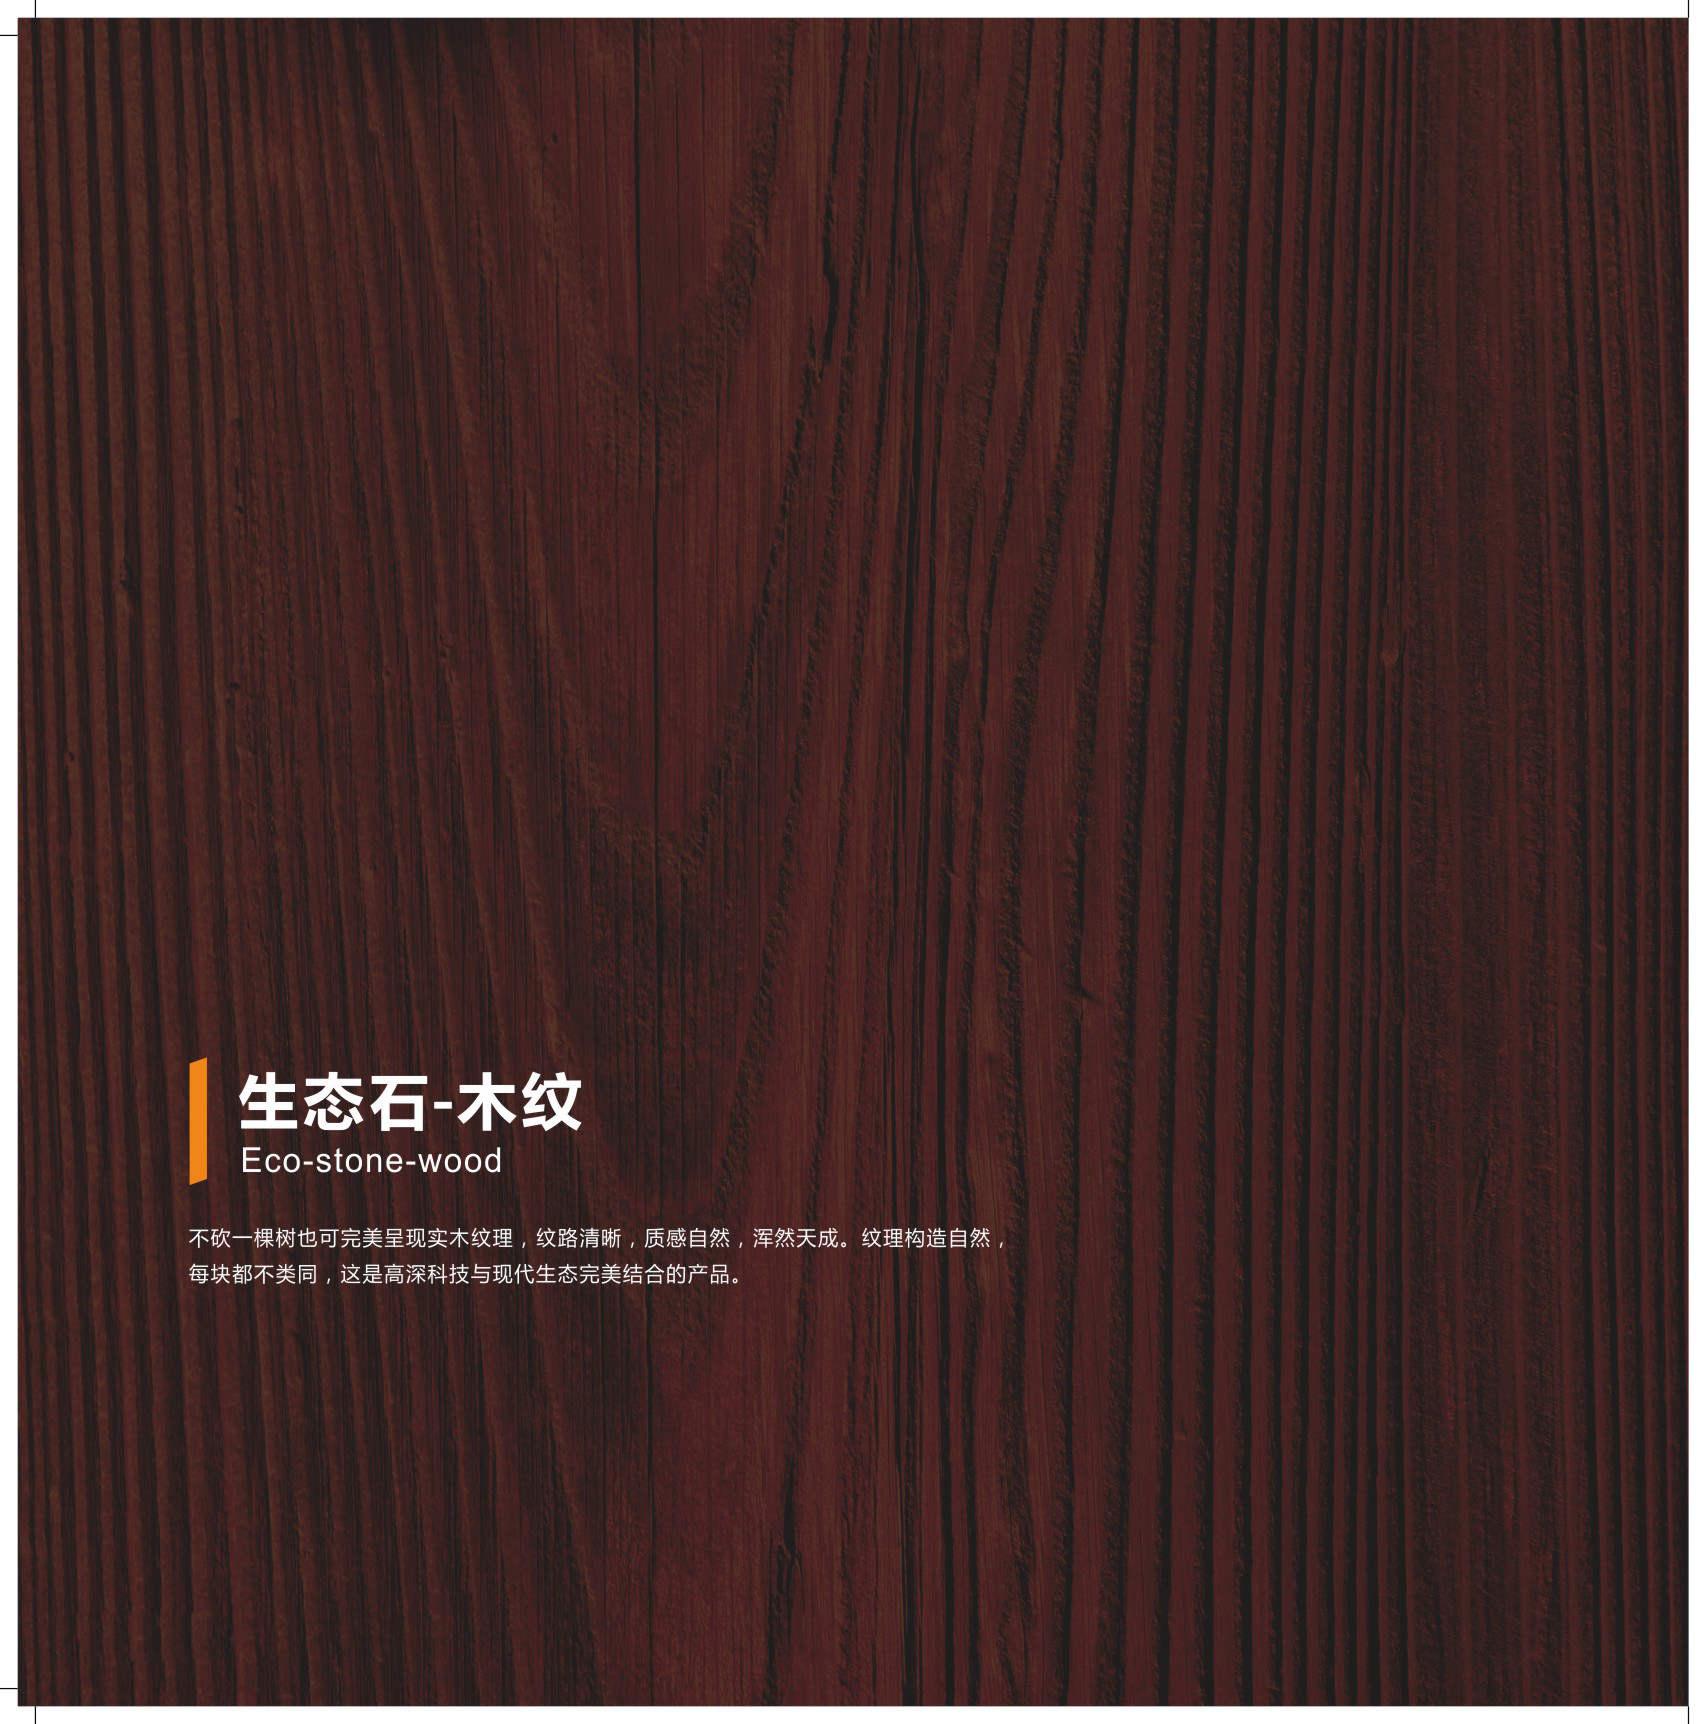 China baidai qimei wood grain pattern flexible and soft stone